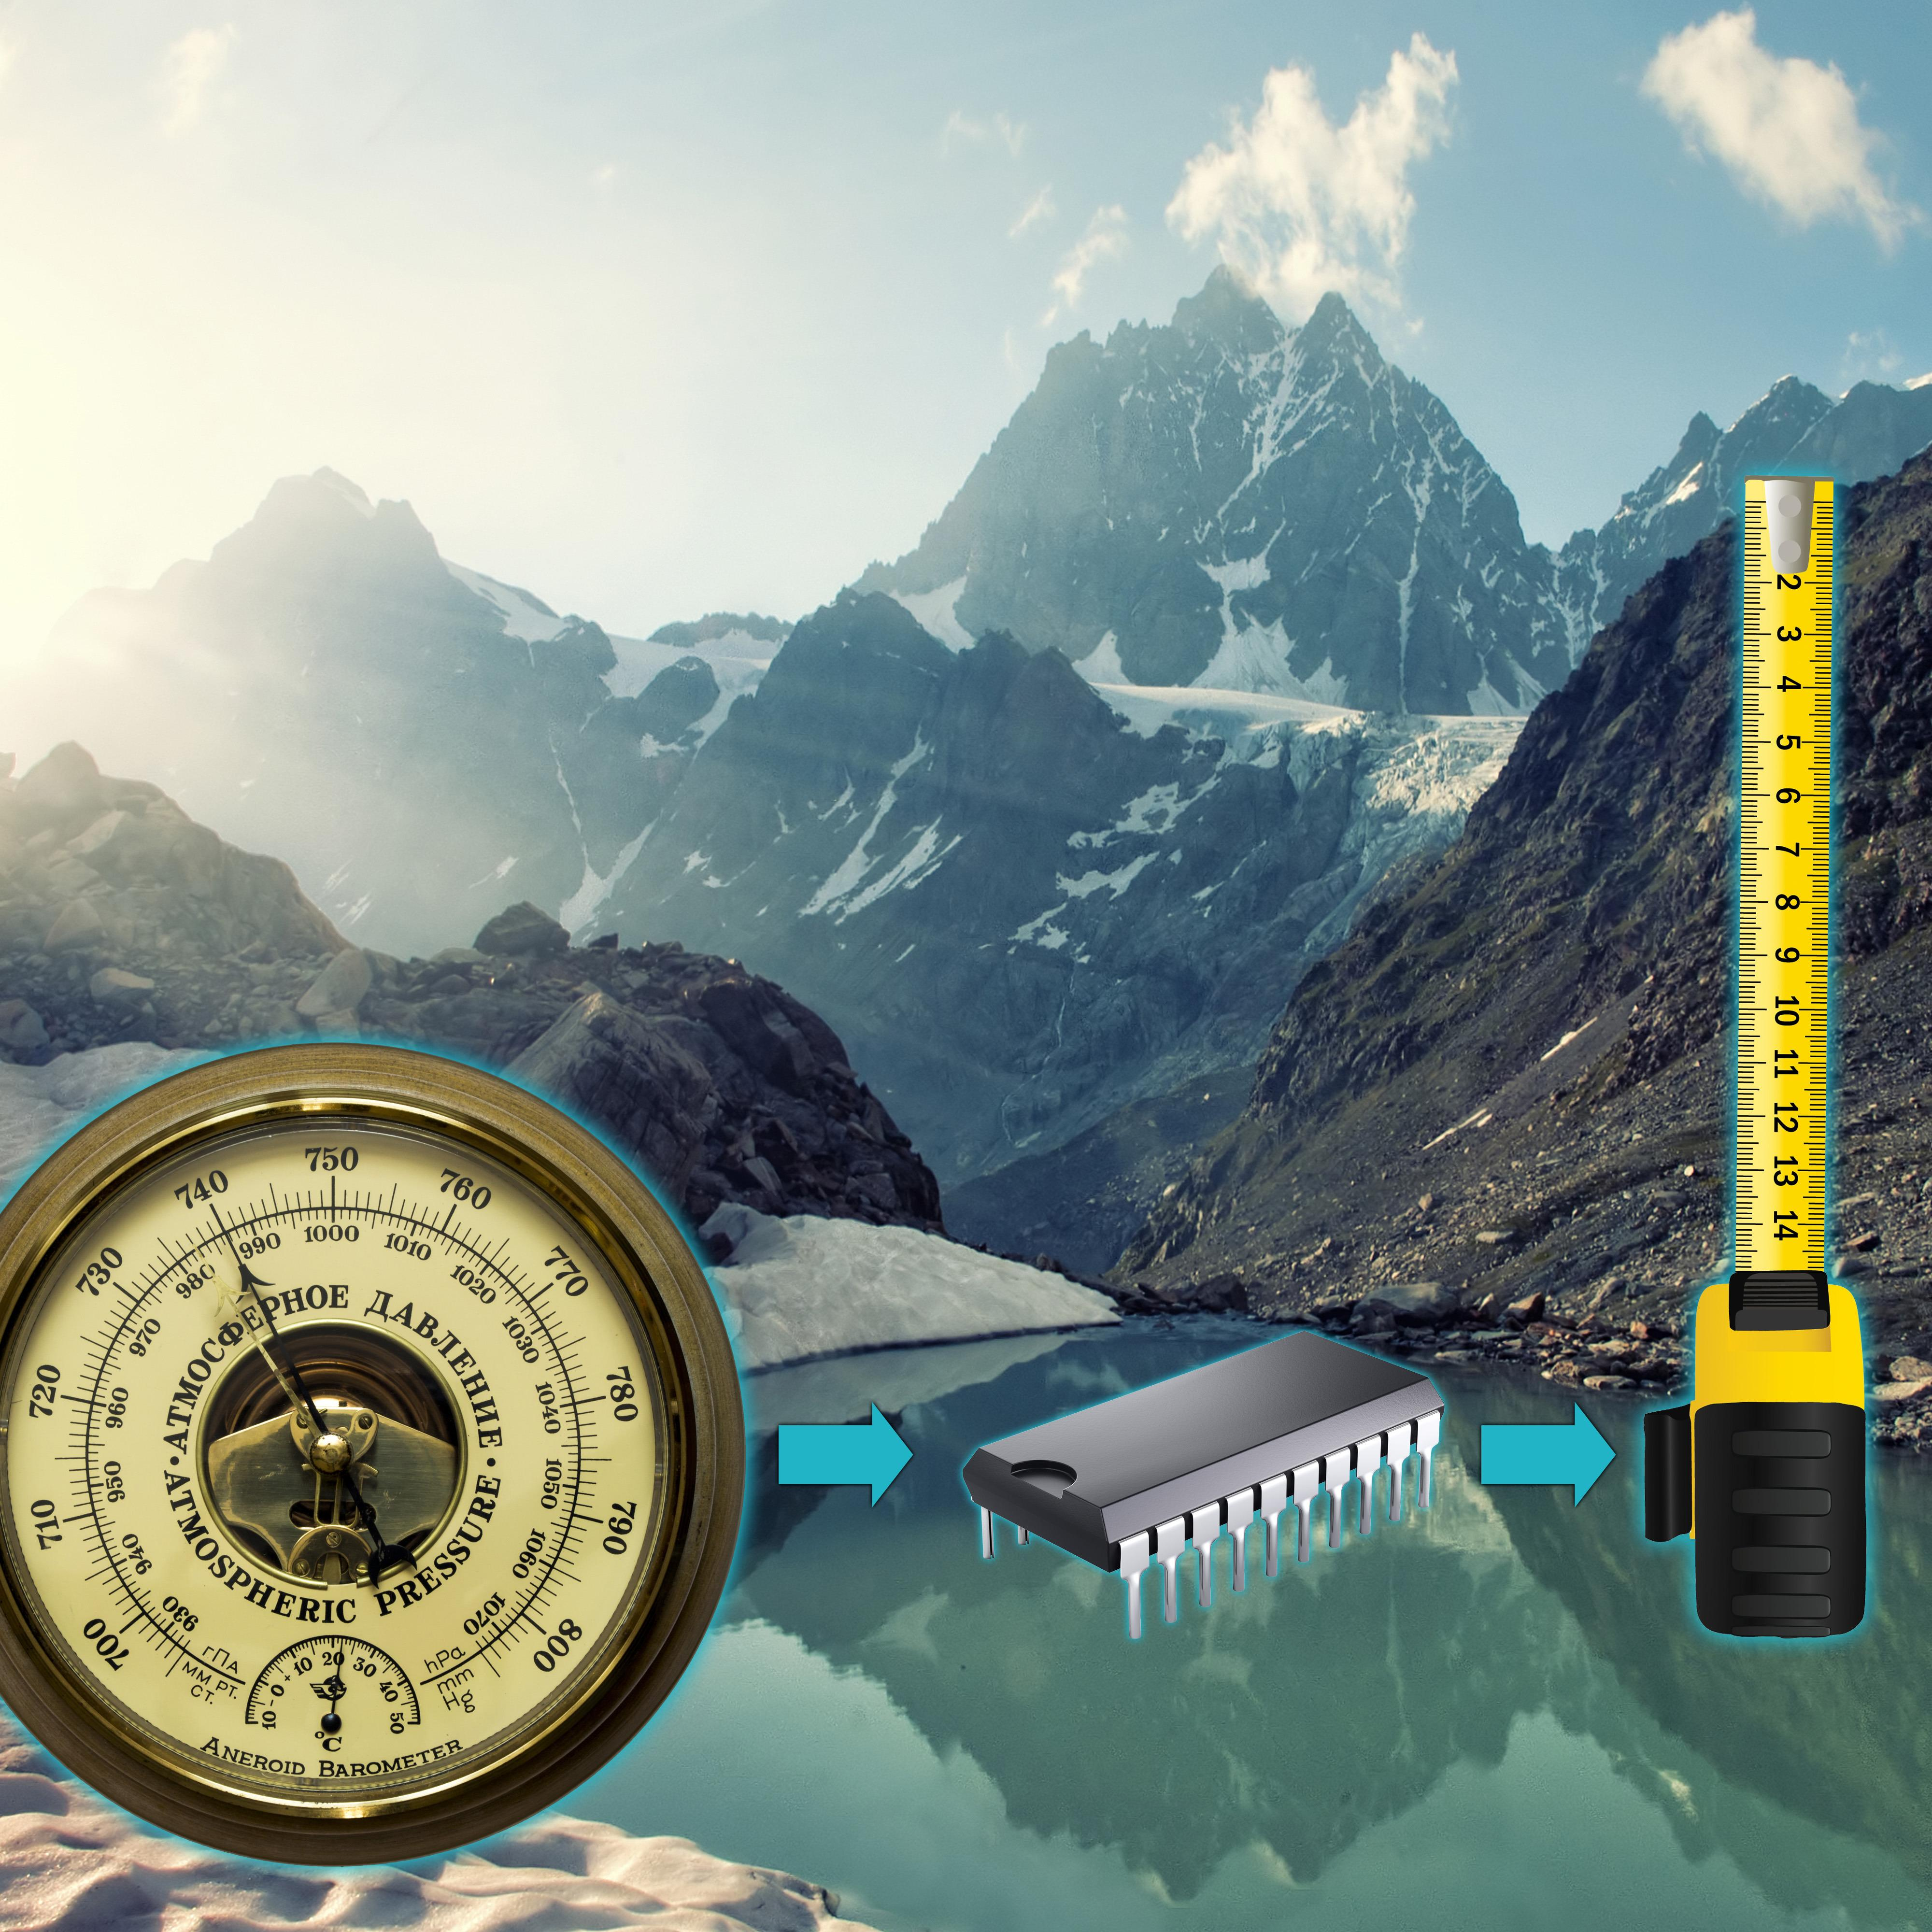 Det digitale barometeret i en moderne smarttelefon brukes til å beregne relativ høyde. Når trykket øker har du beveget deg nedover i omgivelsene, eller funnet deg en trykktank.Foto: Montasje/Shutterstock